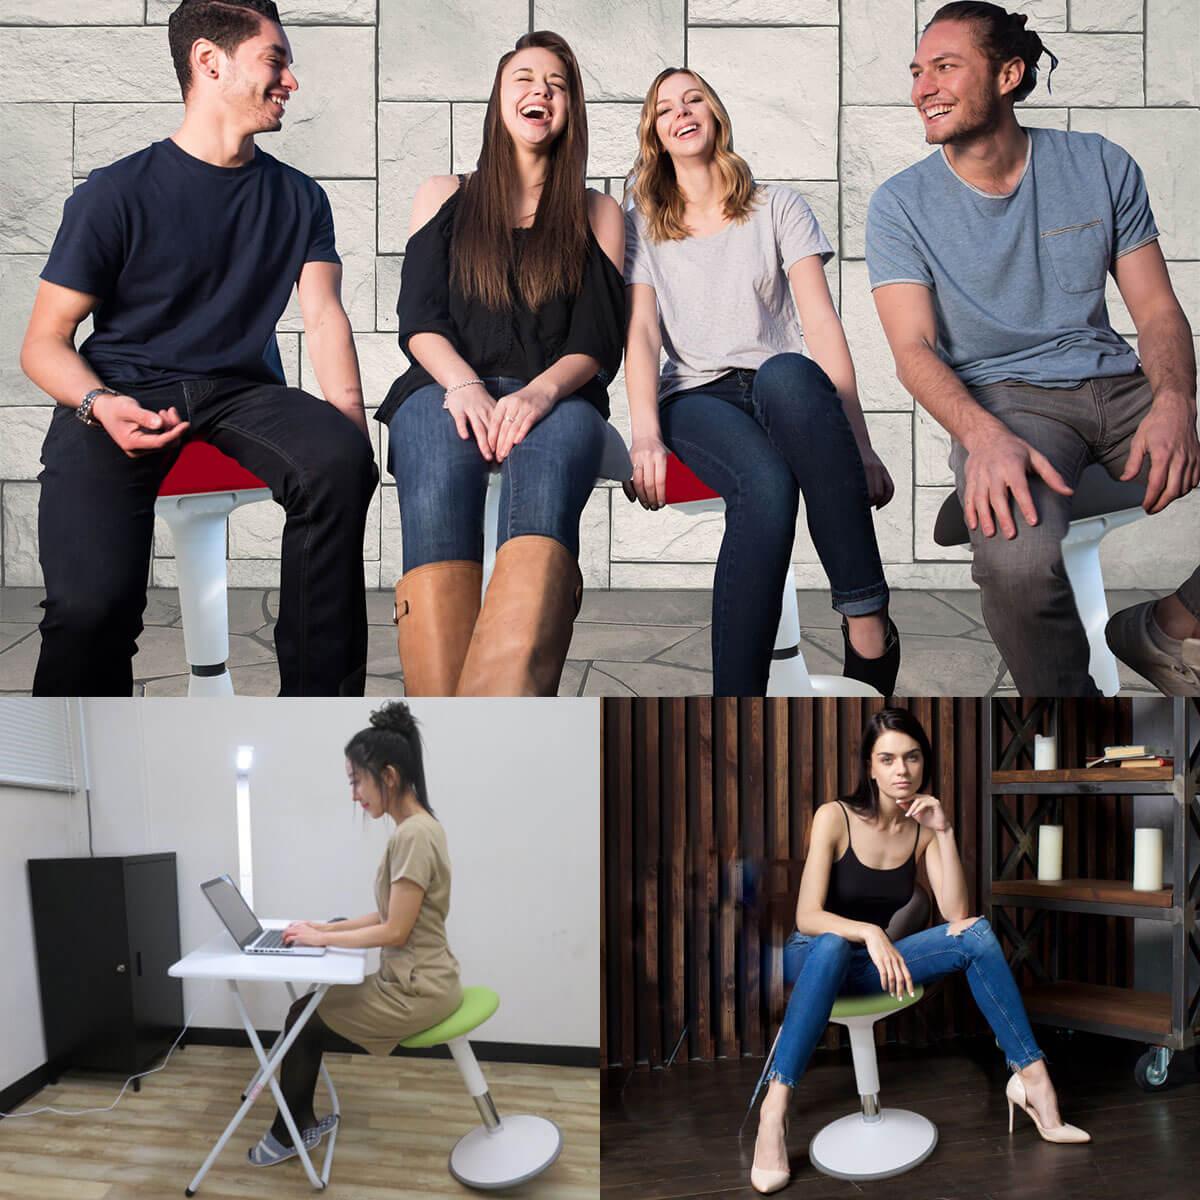 バランスチェア テレワーク 大人 腰痛 子供 姿勢 イージー グラッチェア 椅子 骨盤サポートチェア リモートワーク 小さい フィットネスチェア 在宅勤務 カフェ 喫茶店 1人暮らし 必要なもの